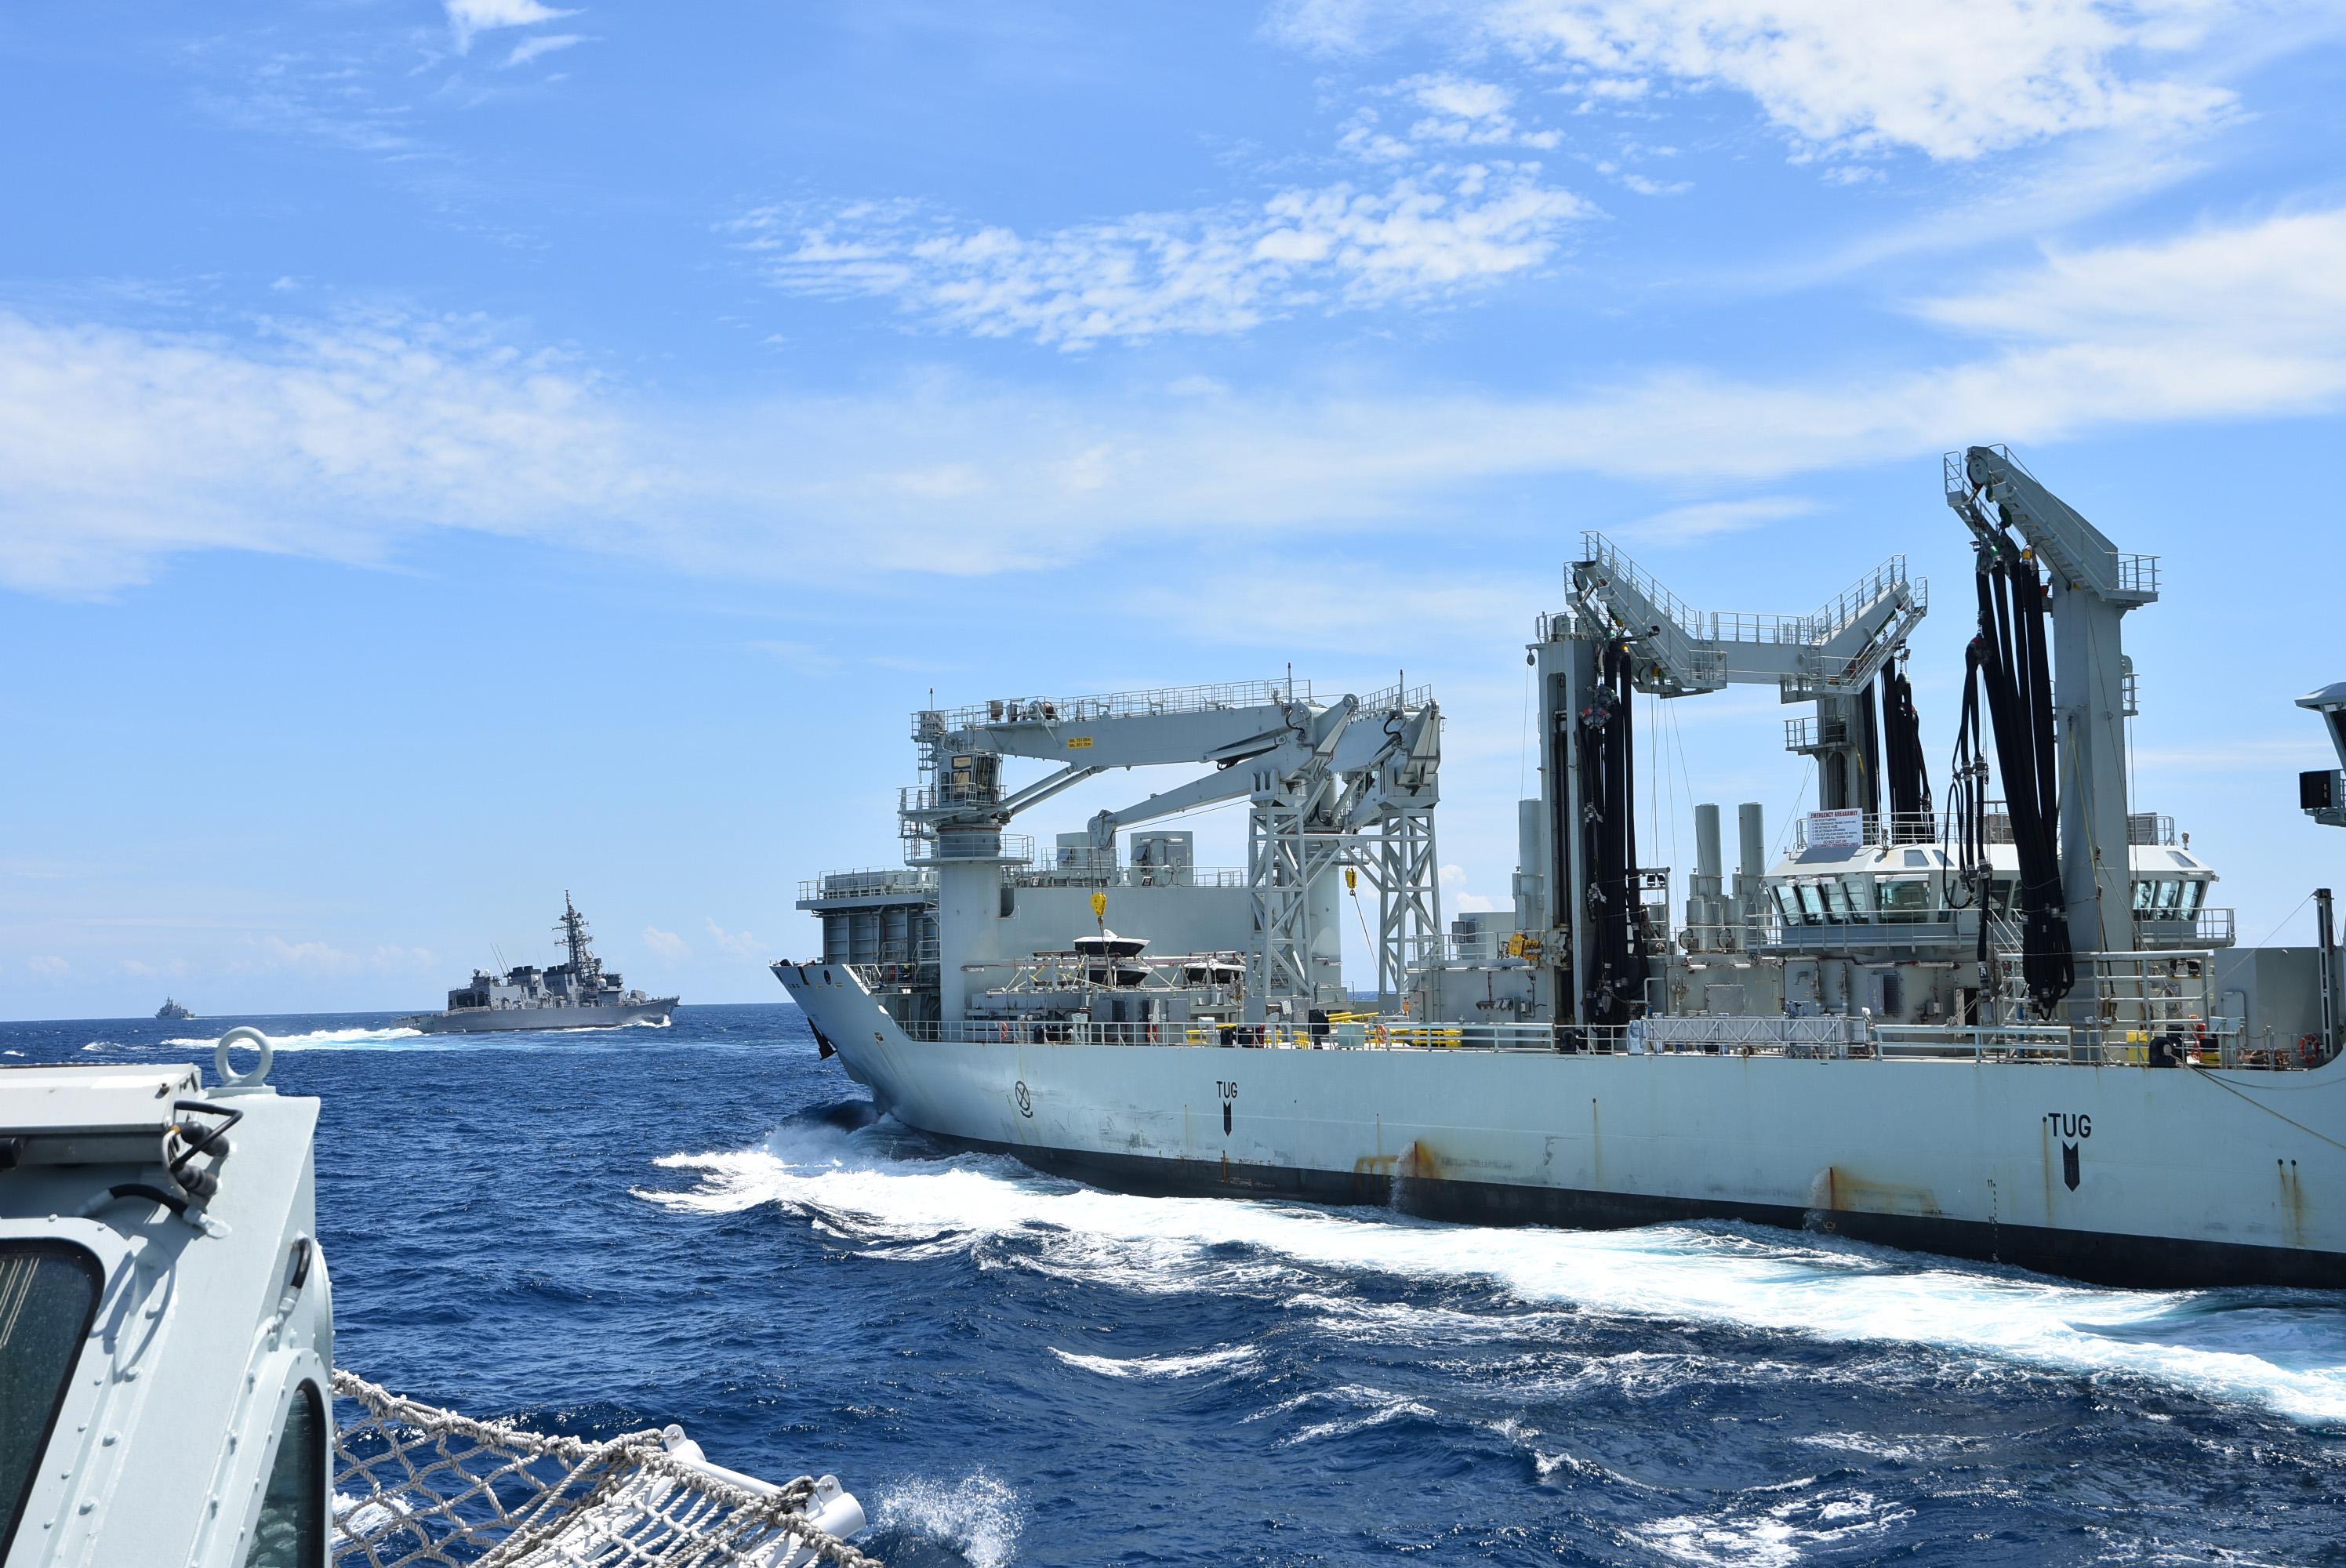 MV Asterix conducts replenishment at sea